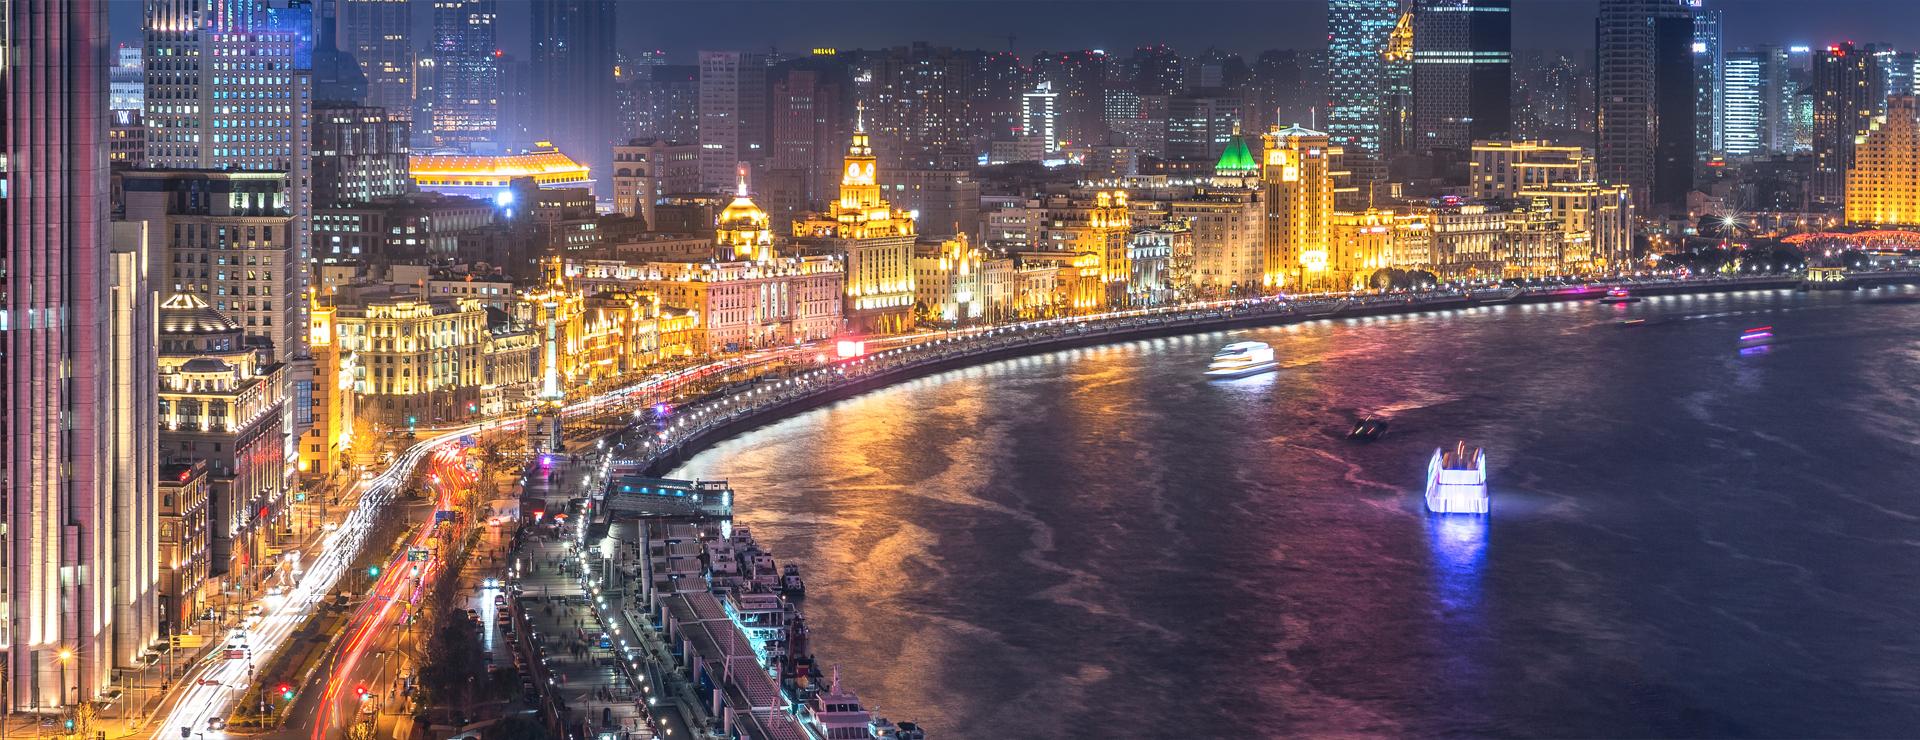 Shanghai – The Bund